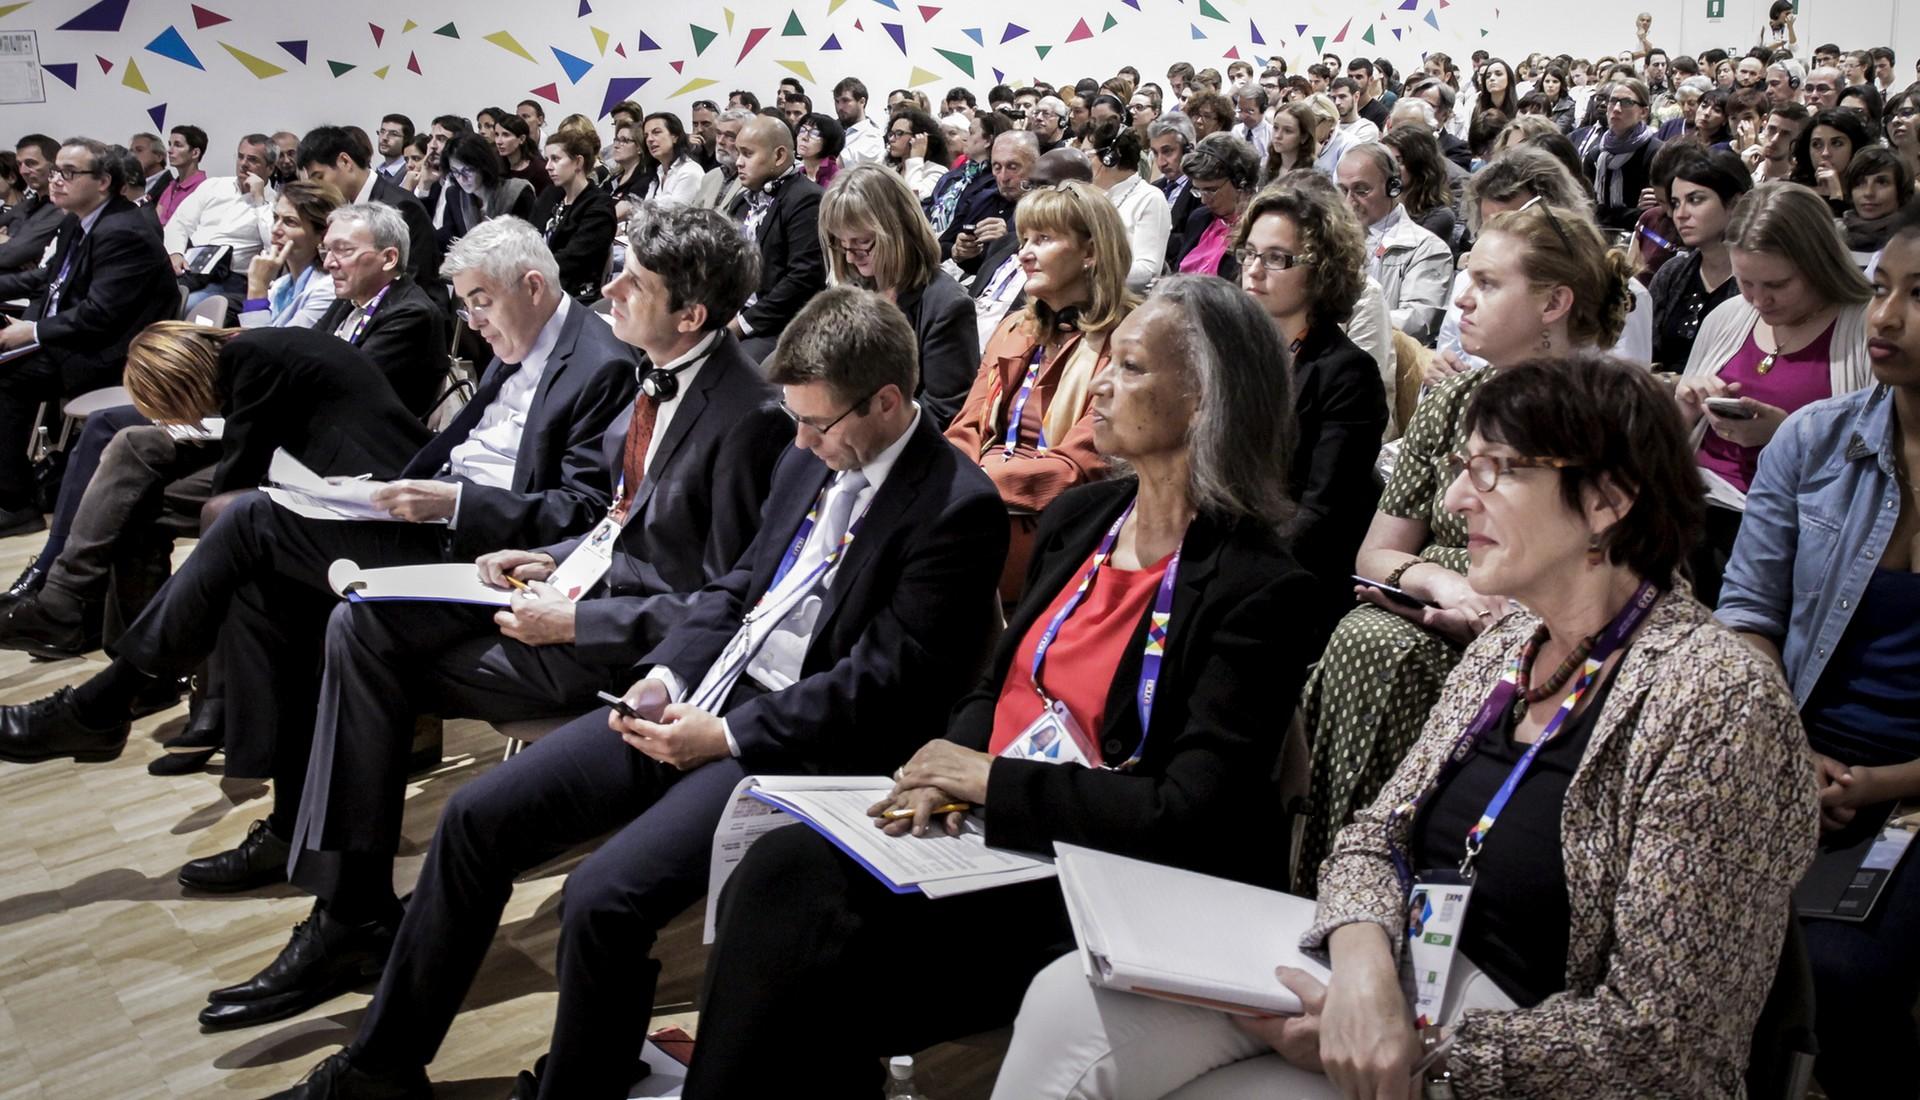 Presentazione dell'Indice Globale della Fame a Expo 2015. Ph. Dario Mastrocola.